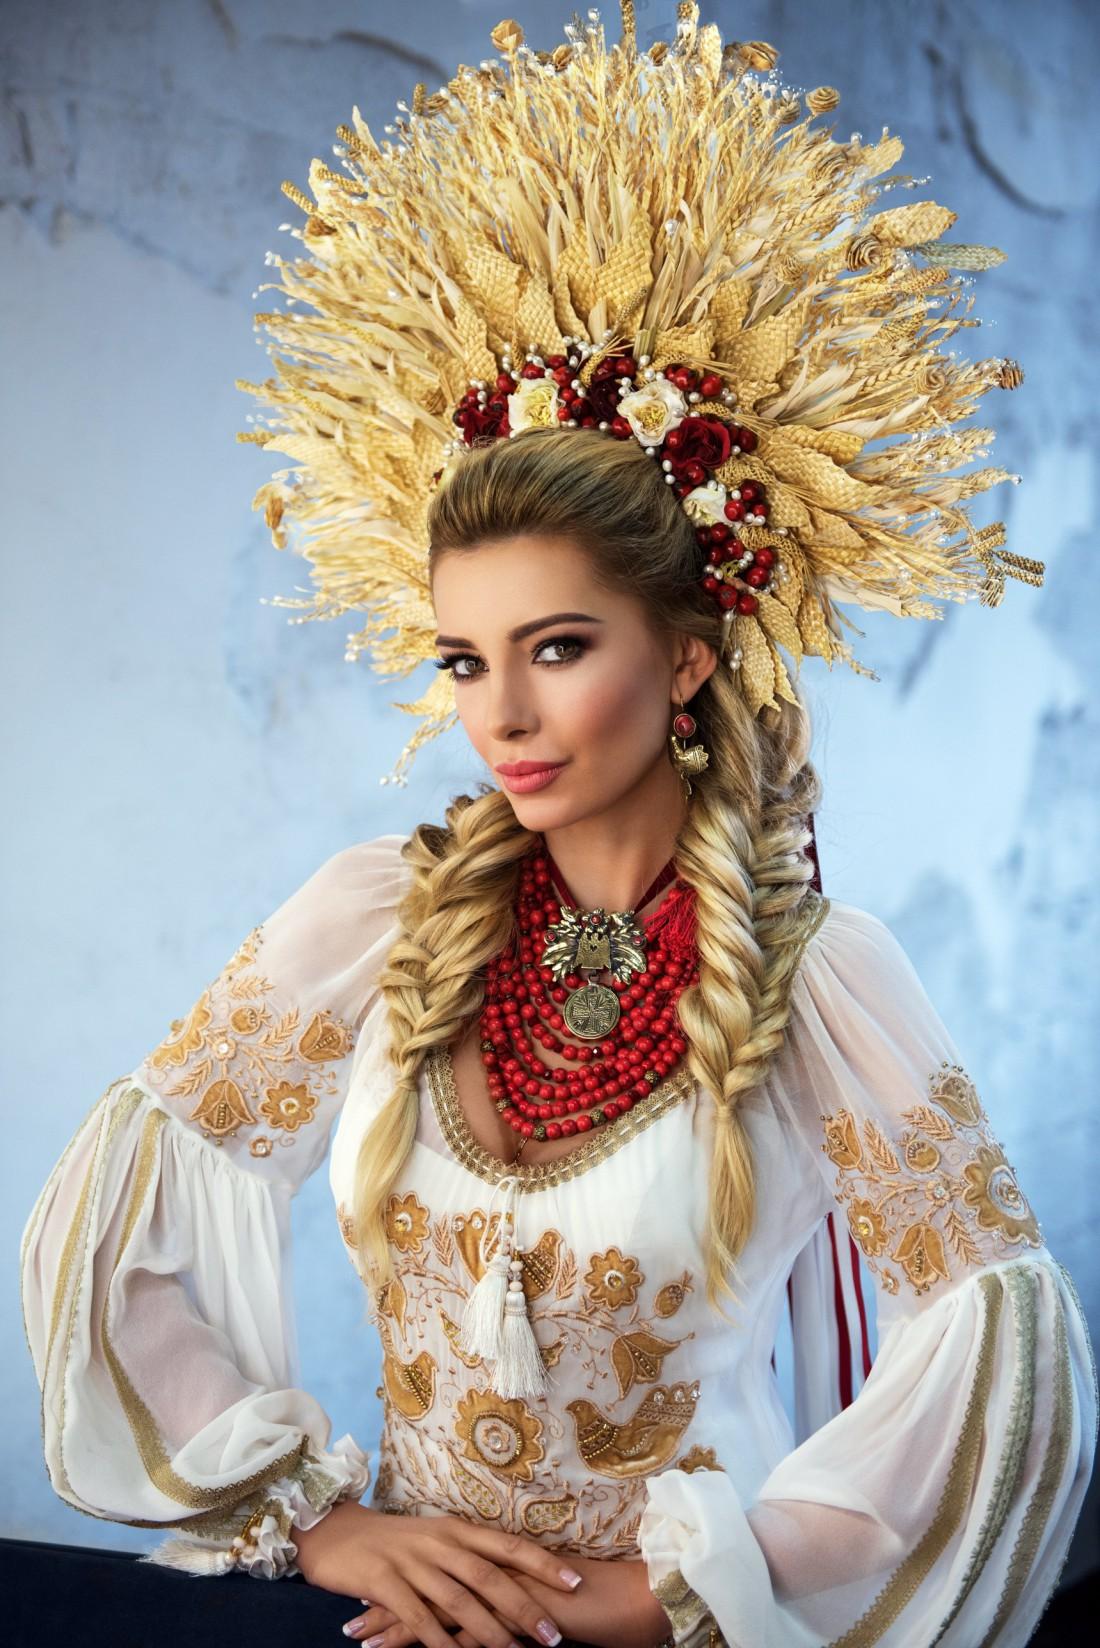 Мисс Украина Вселенная 2015 Анна Вергельская в национальном костюме